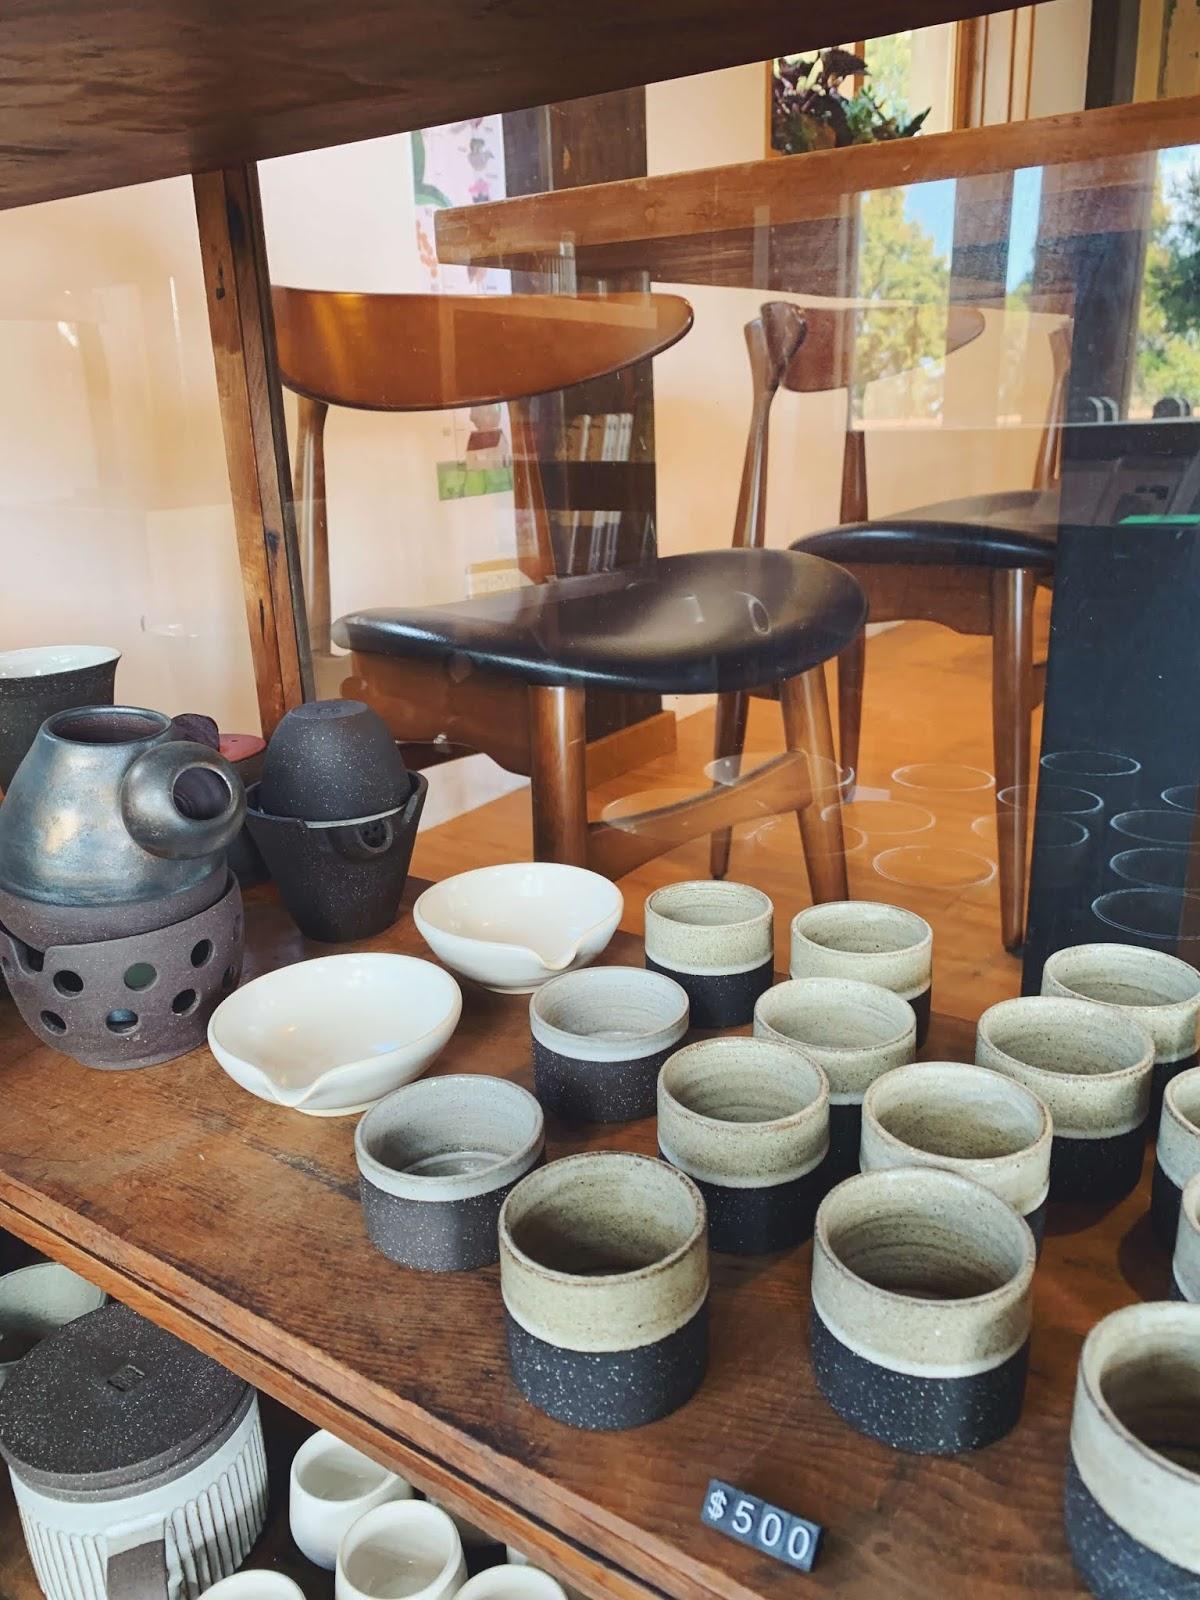 嘉義-阿里山-茶屋-景點-美食-品茶-茶席-茶田35號-菜單-茶文化體驗-評價-茶葉